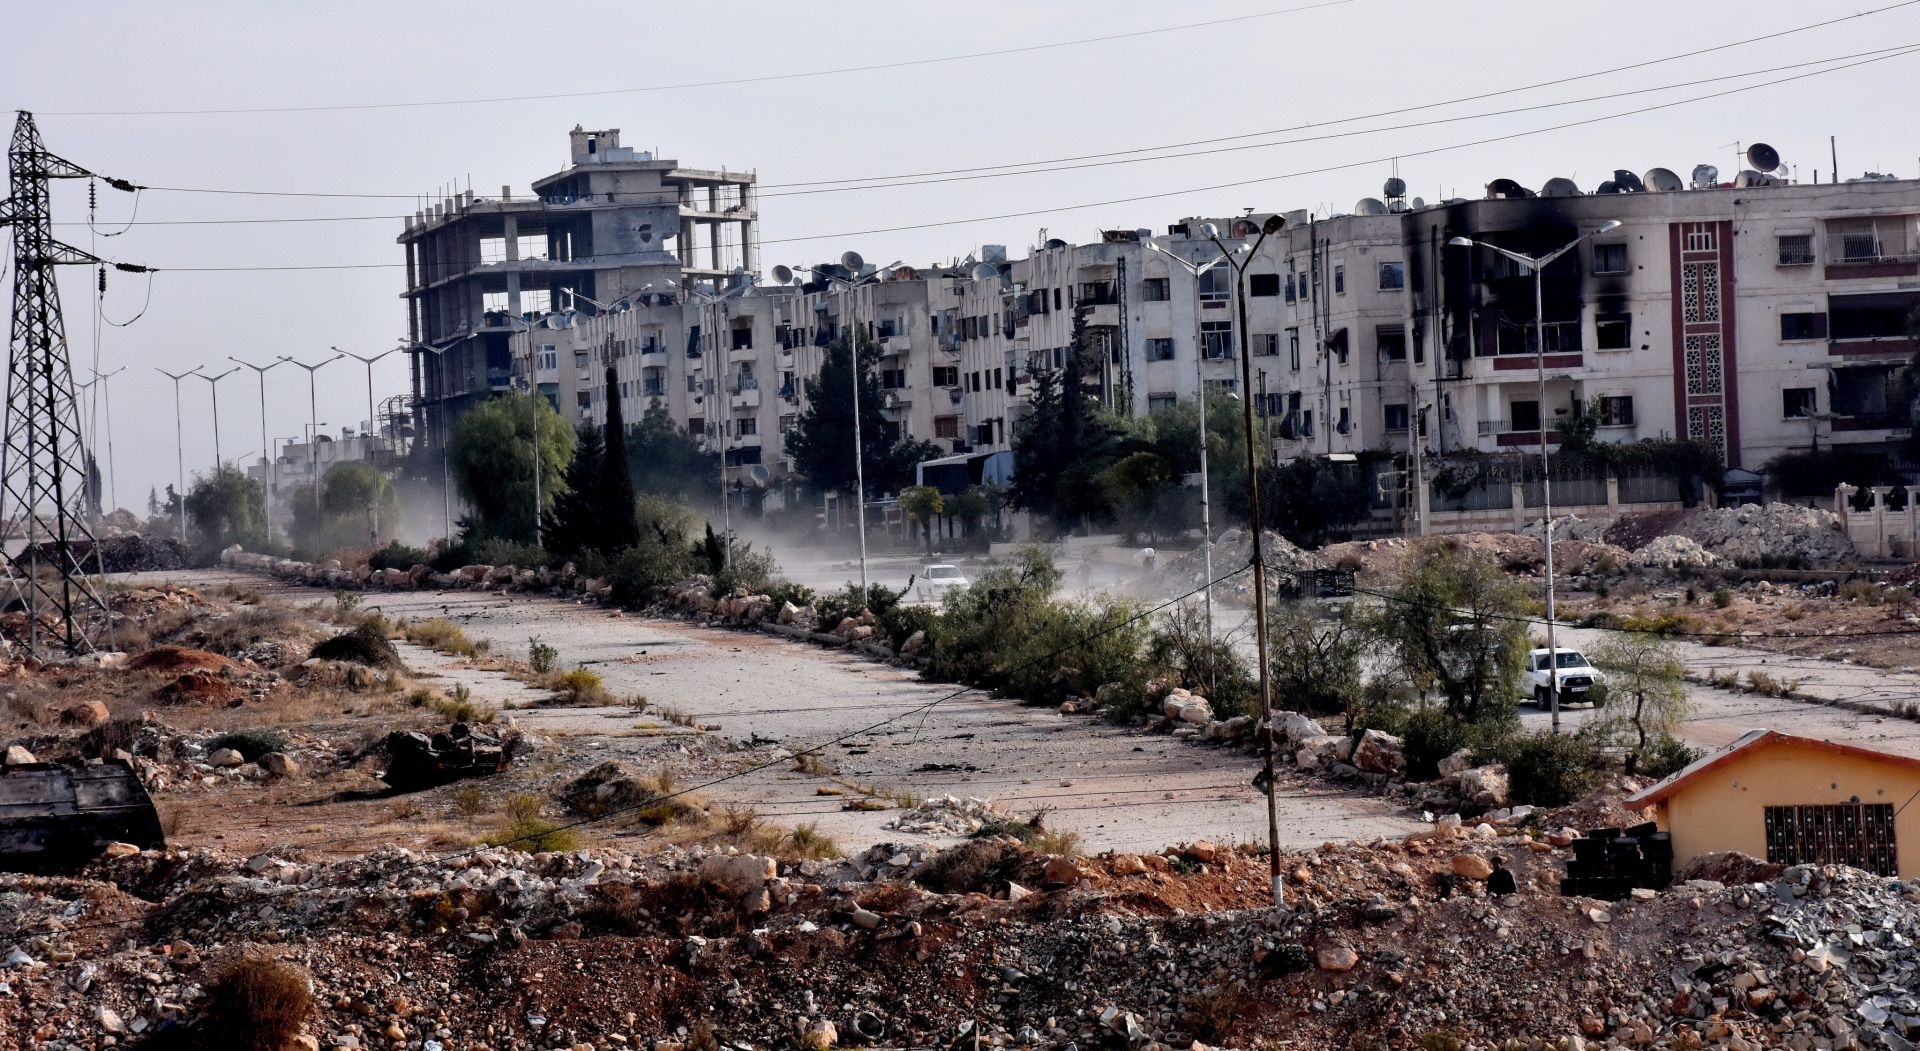 Civili u Alepu bježe u zapadne dijelove grada koje kontroliraju vladine snage